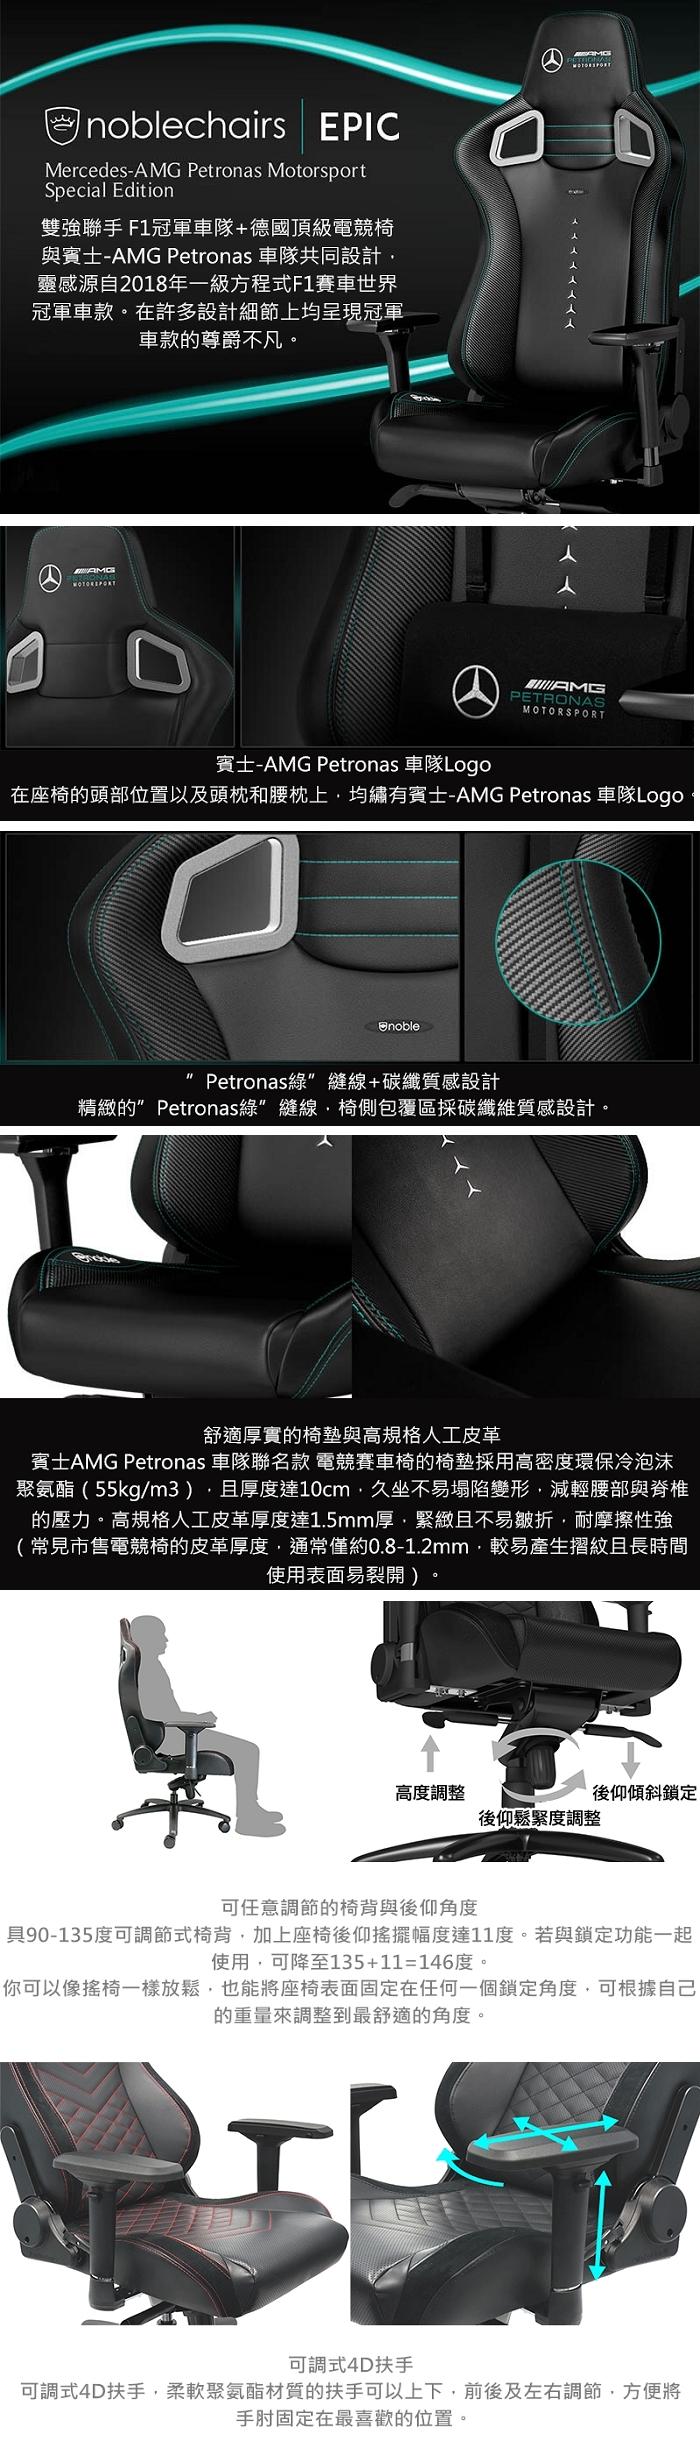 (複製)noblechairs 皇家EPIC系列電競賽車椅-PU經典款-黑/紅